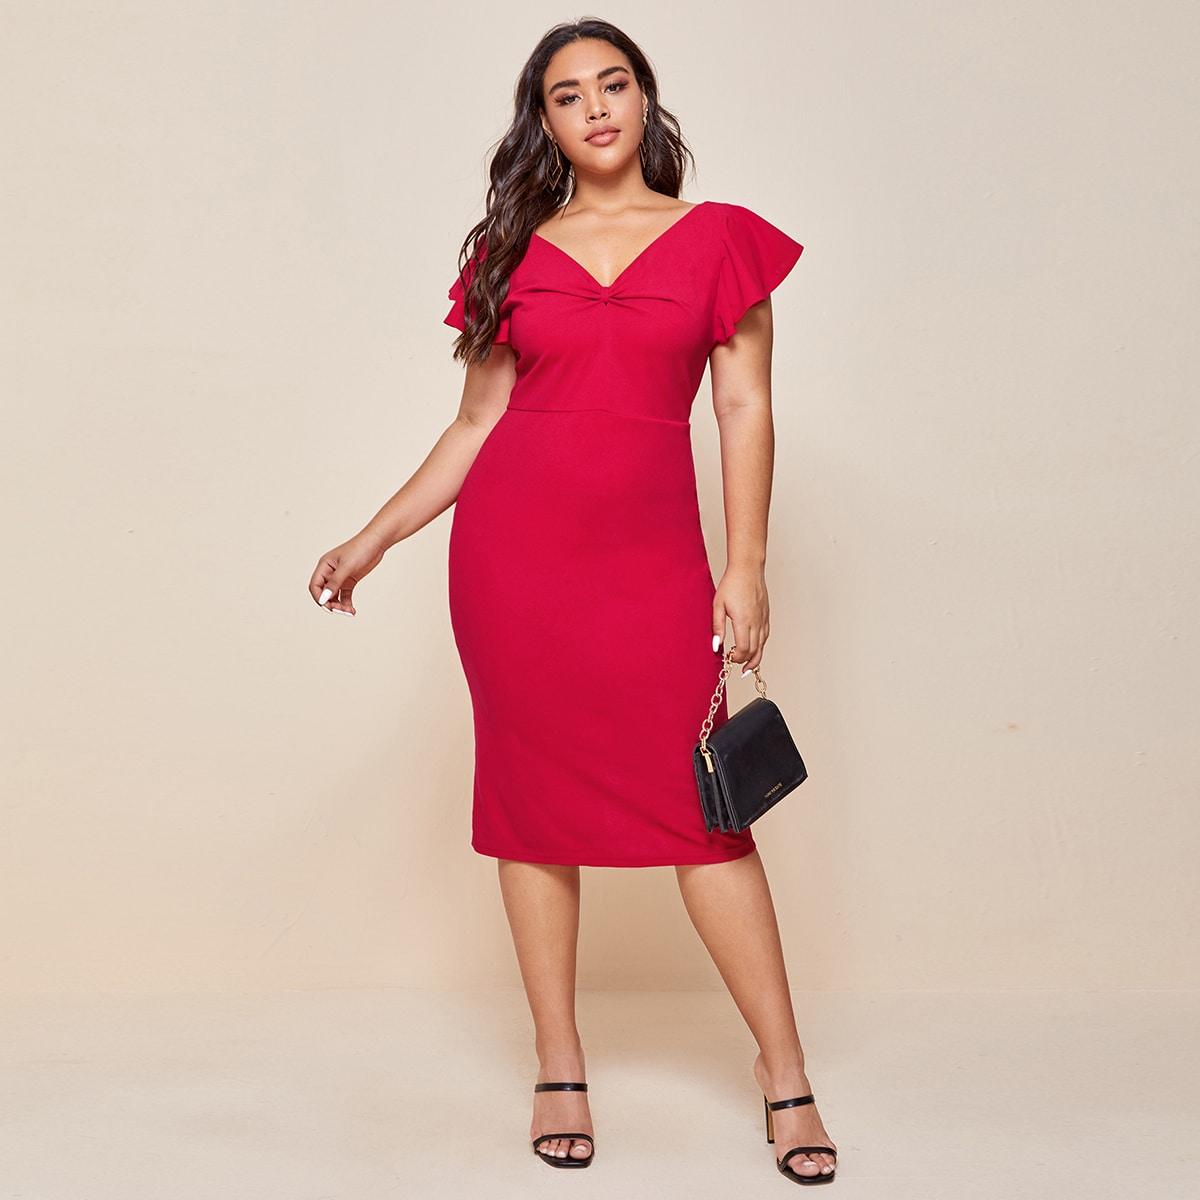 SHEIN / Vestidos Tallas Grandes Drapeado Liso Rojo Elegante